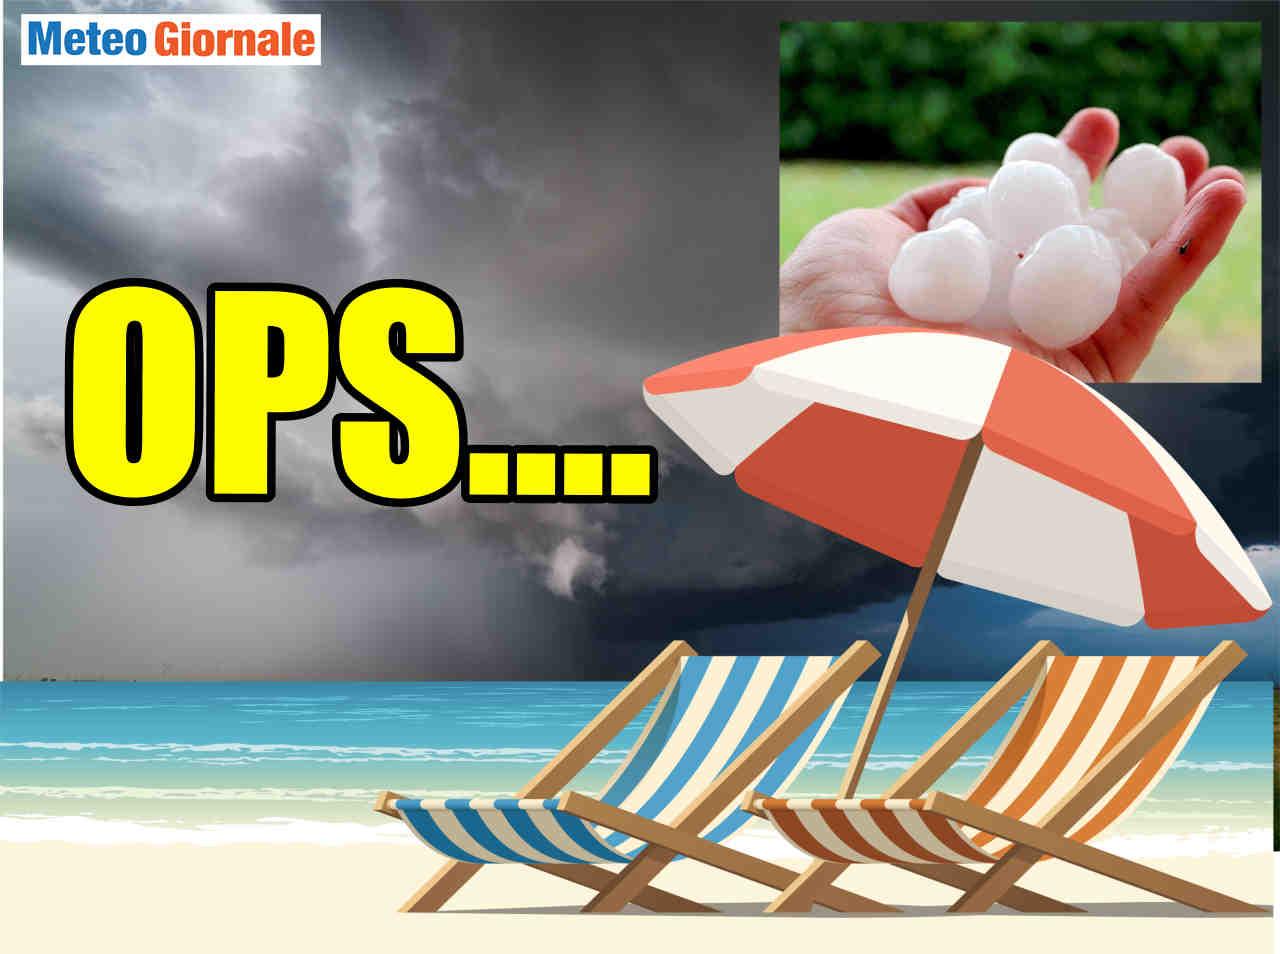 Meteo che peggiora severamente prima delle attese: temporali simil tropicali